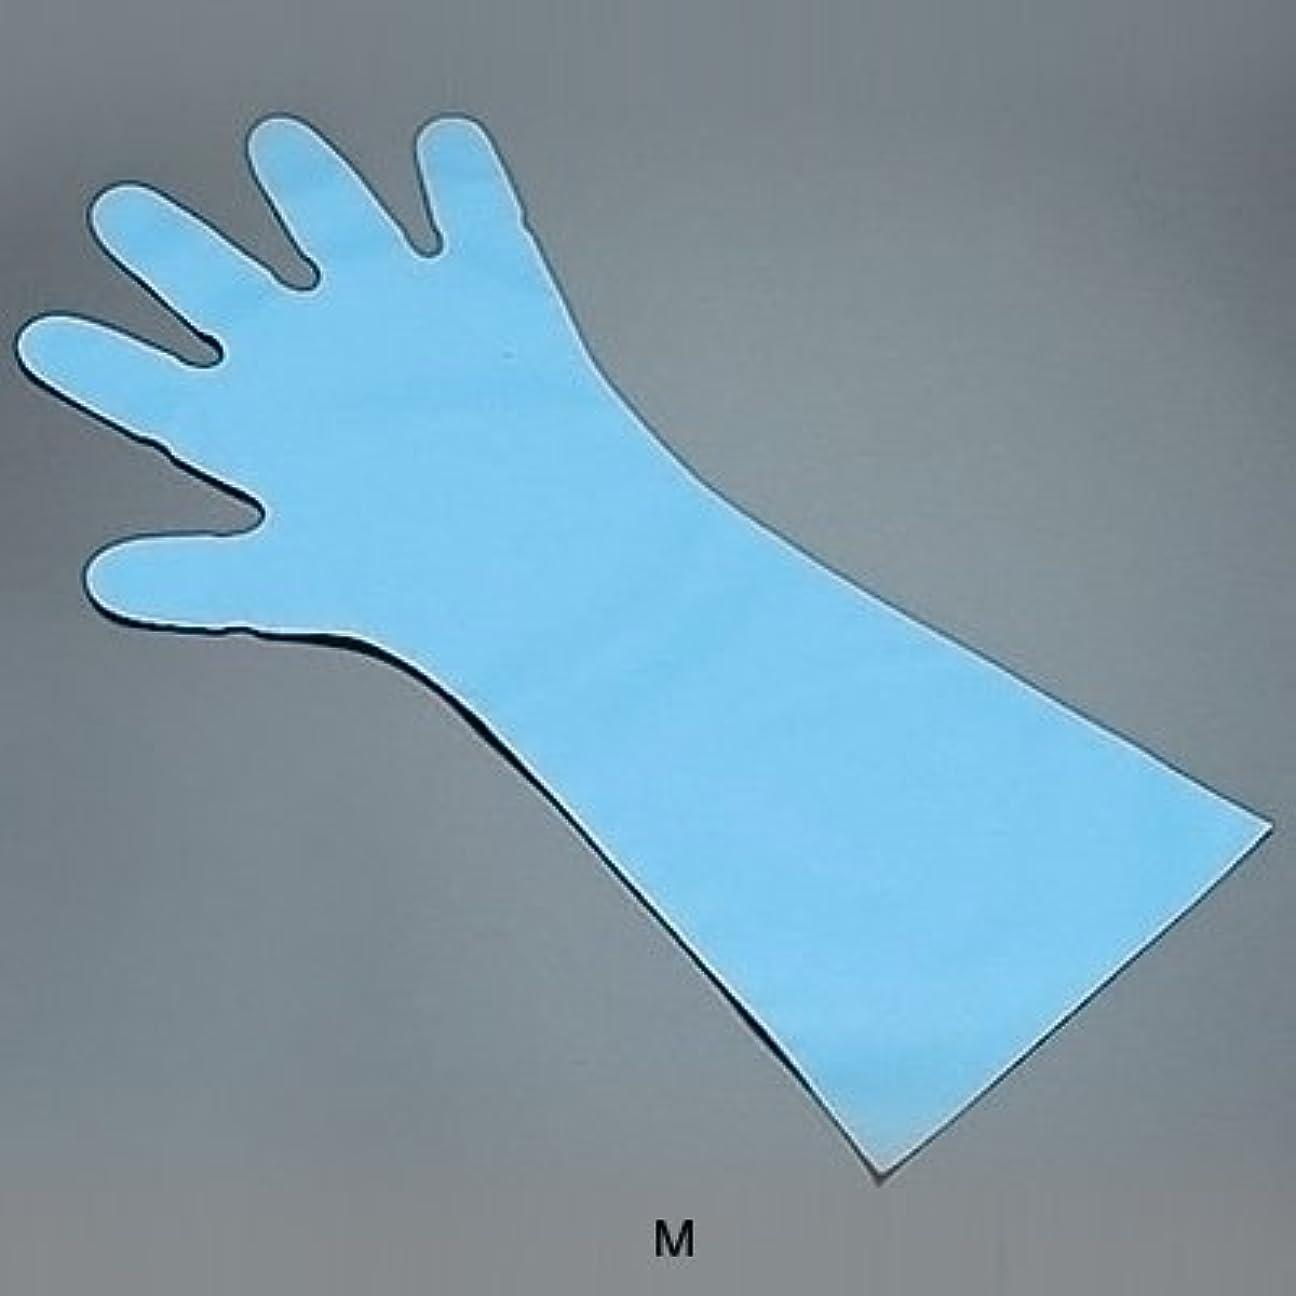 対処ファブリック事エンボス手袋 五本絞り ロング#50 (1袋50枚入) M 全長45cm <ブルー>